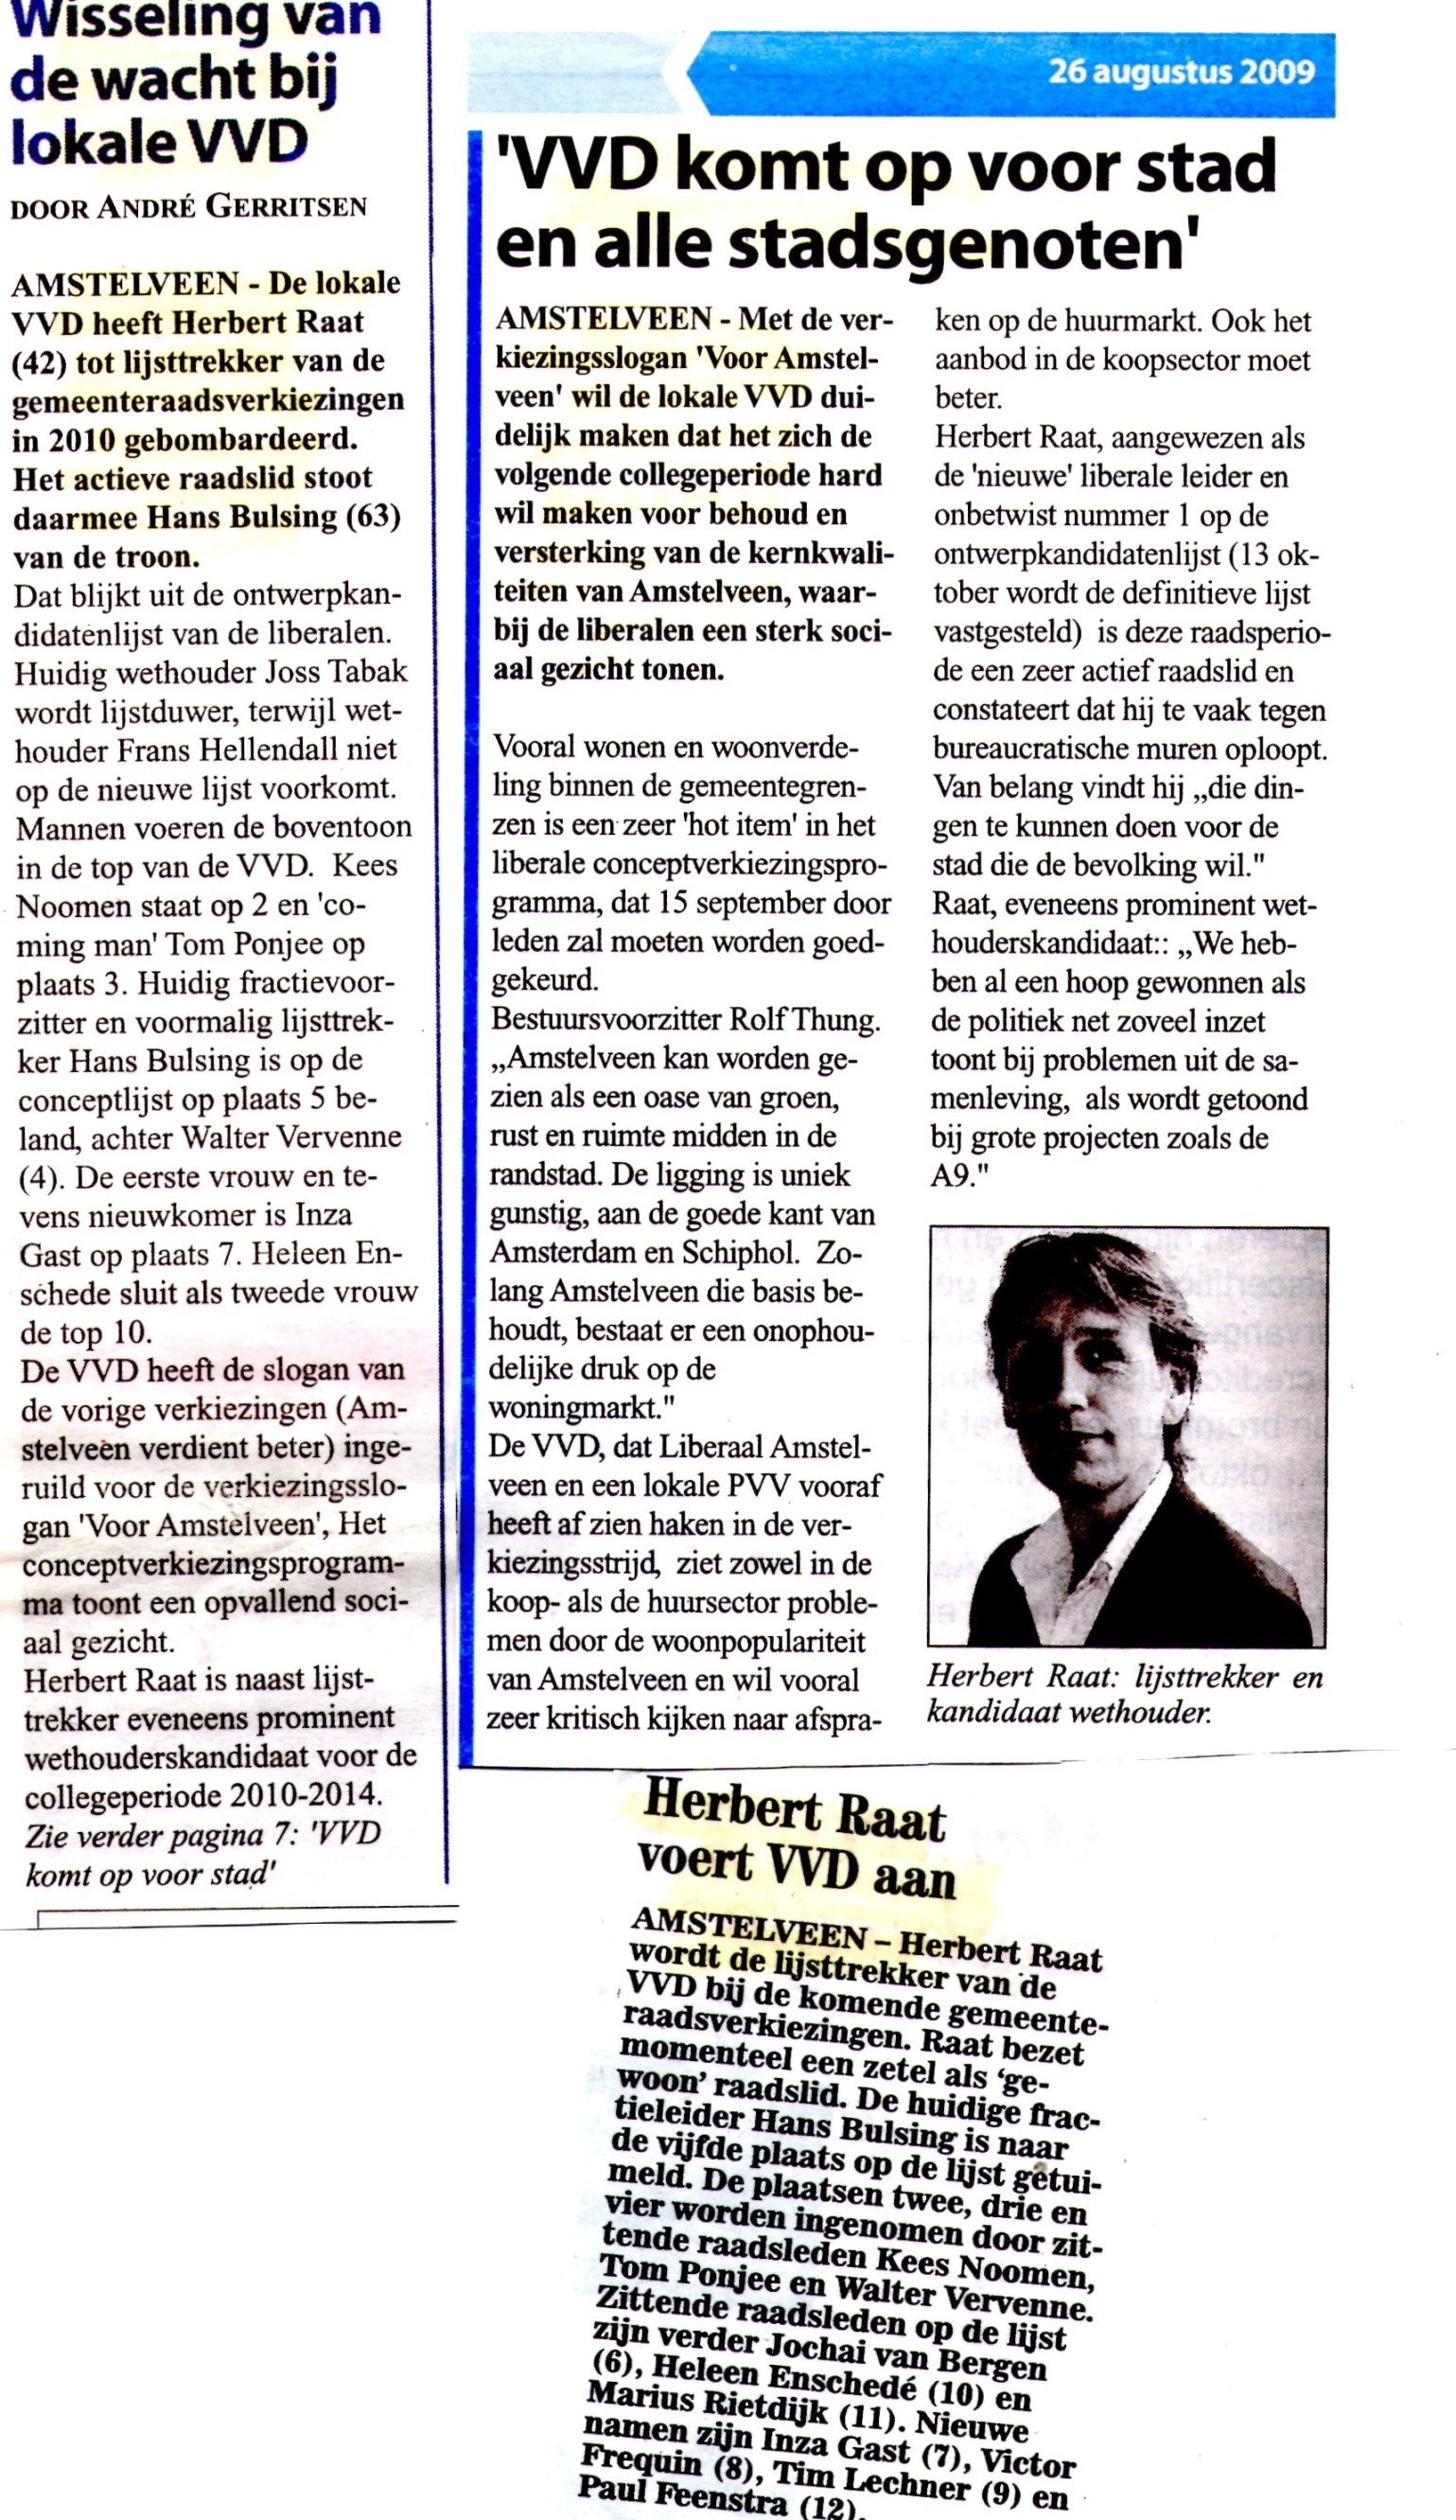 2009-26-8 Lijsttrekker voor de VVD-Amstelveens Nieuwsblad en Weekblad (2)